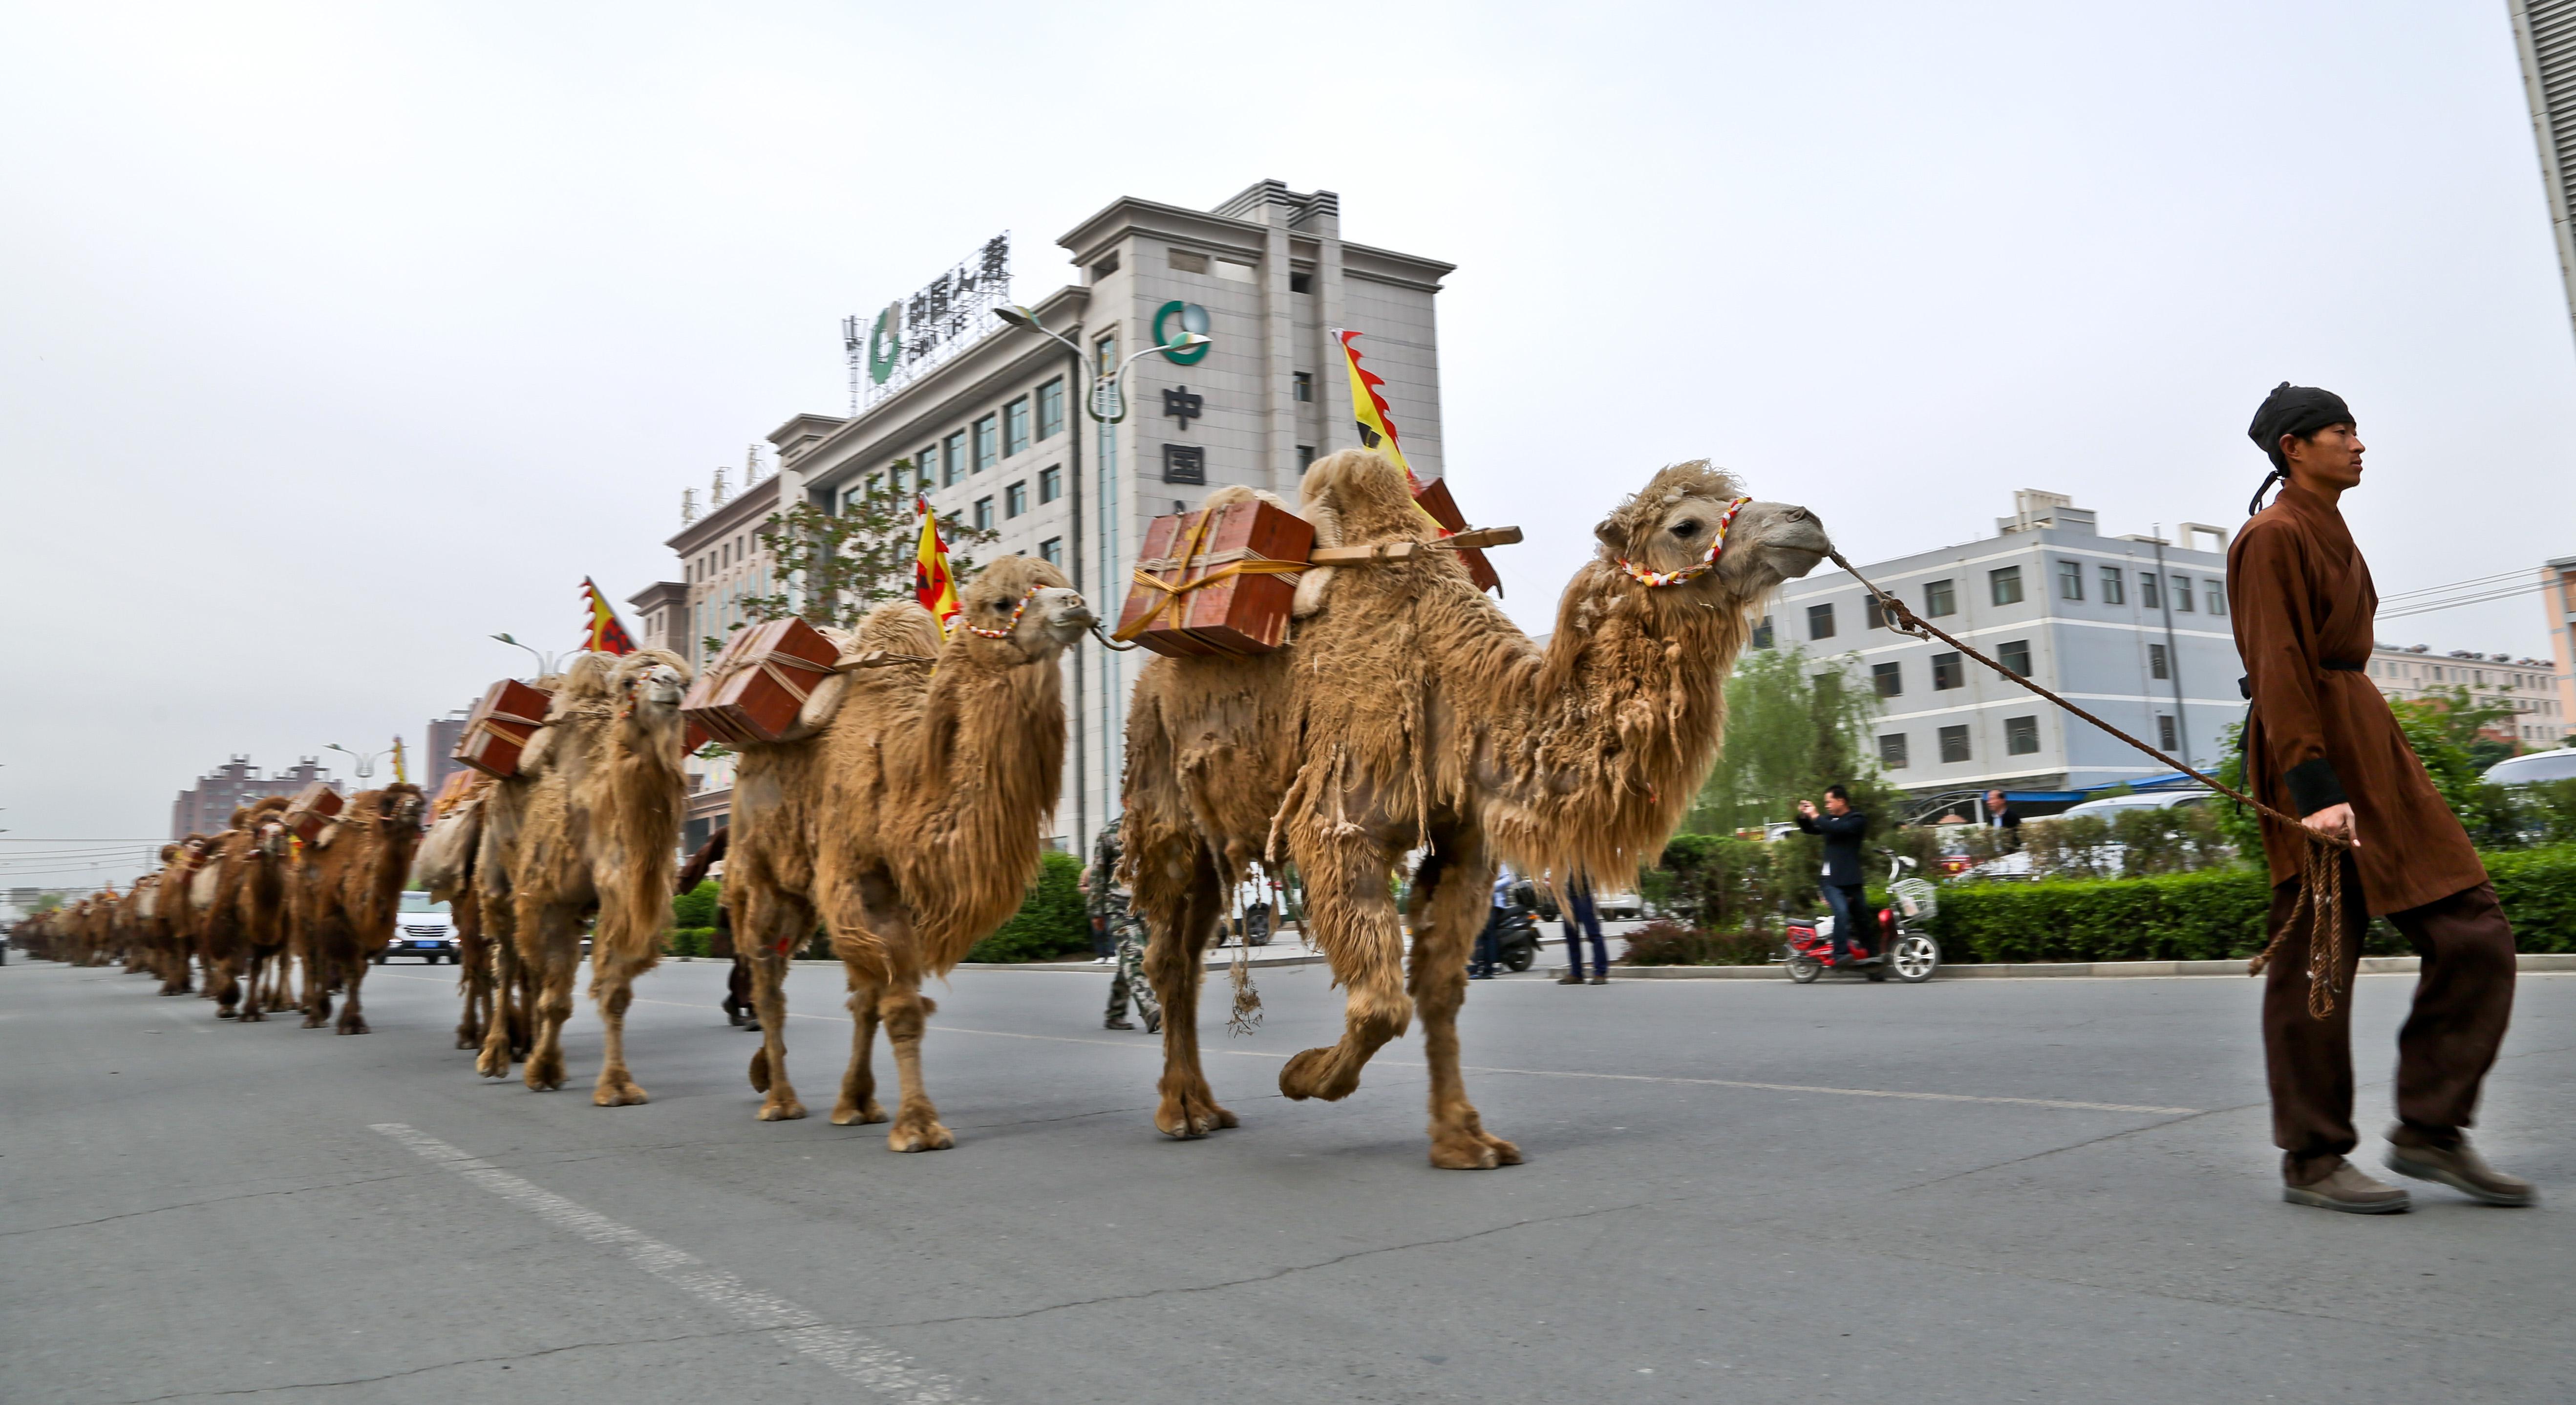 Comme au temps de la route de la soie historique, un marchand de thé et ses chameaux traversent la ville de Zhangye, dans la province chinoise du Gansu